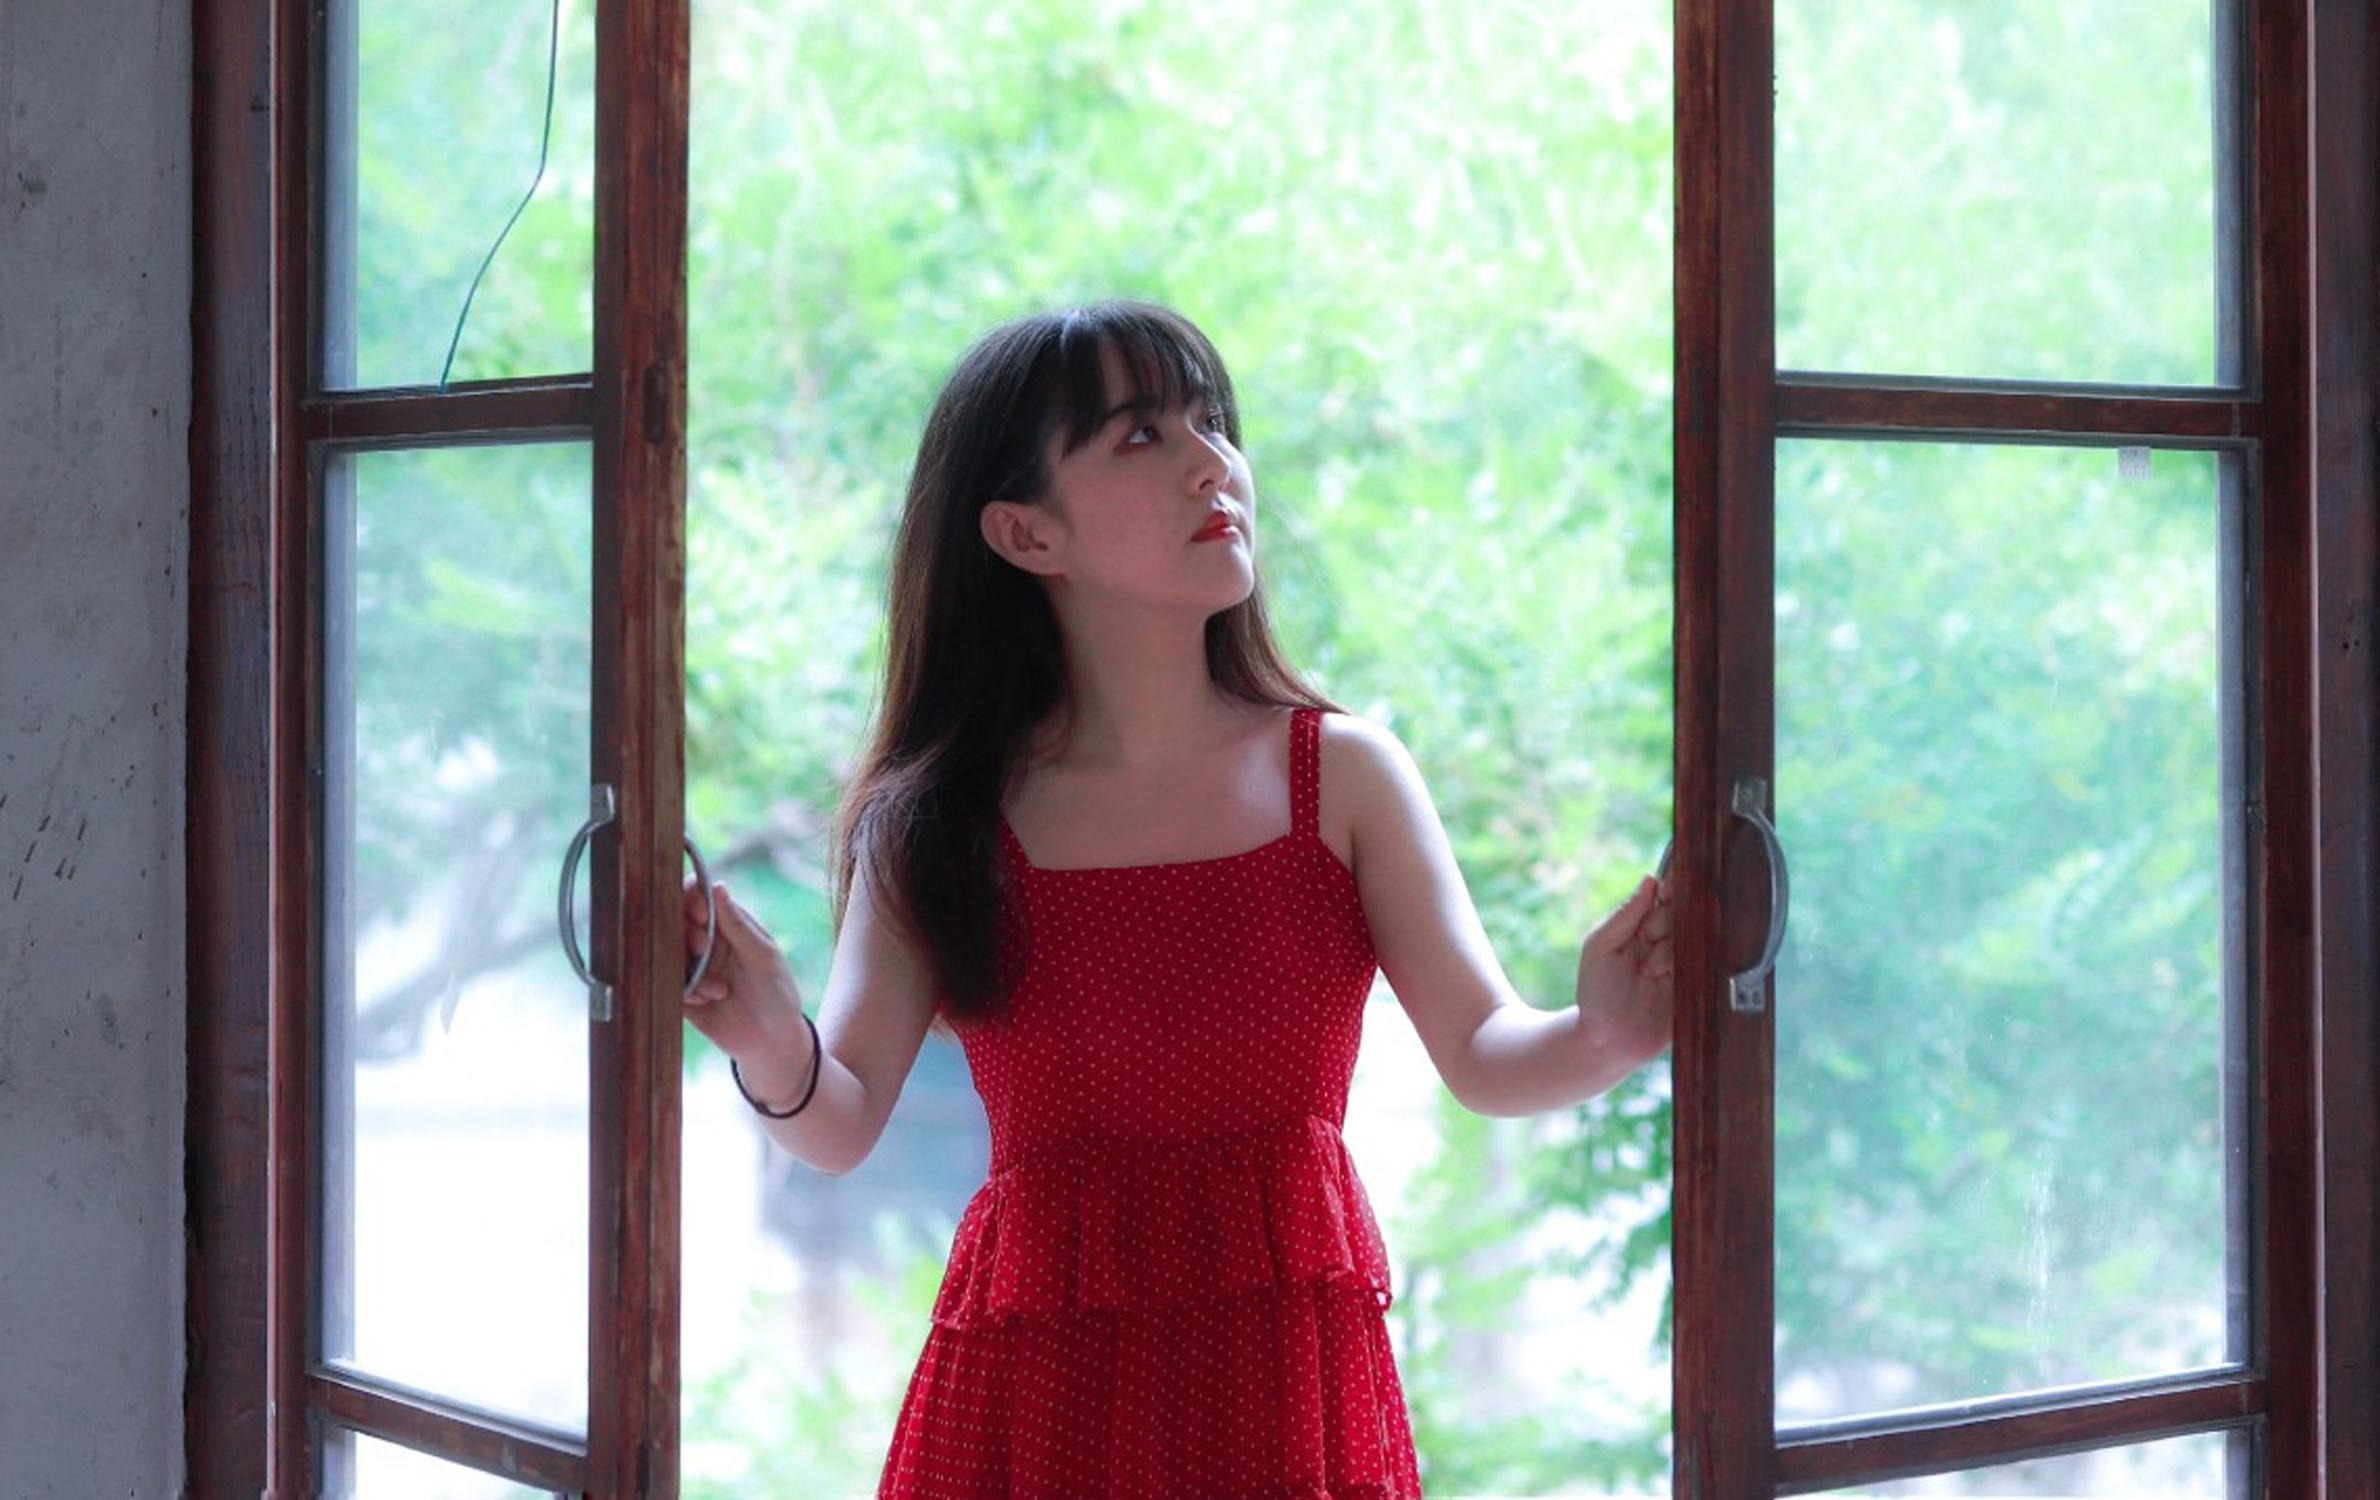 【花粉女生】窗外,花粉女生-花粉俱乐部